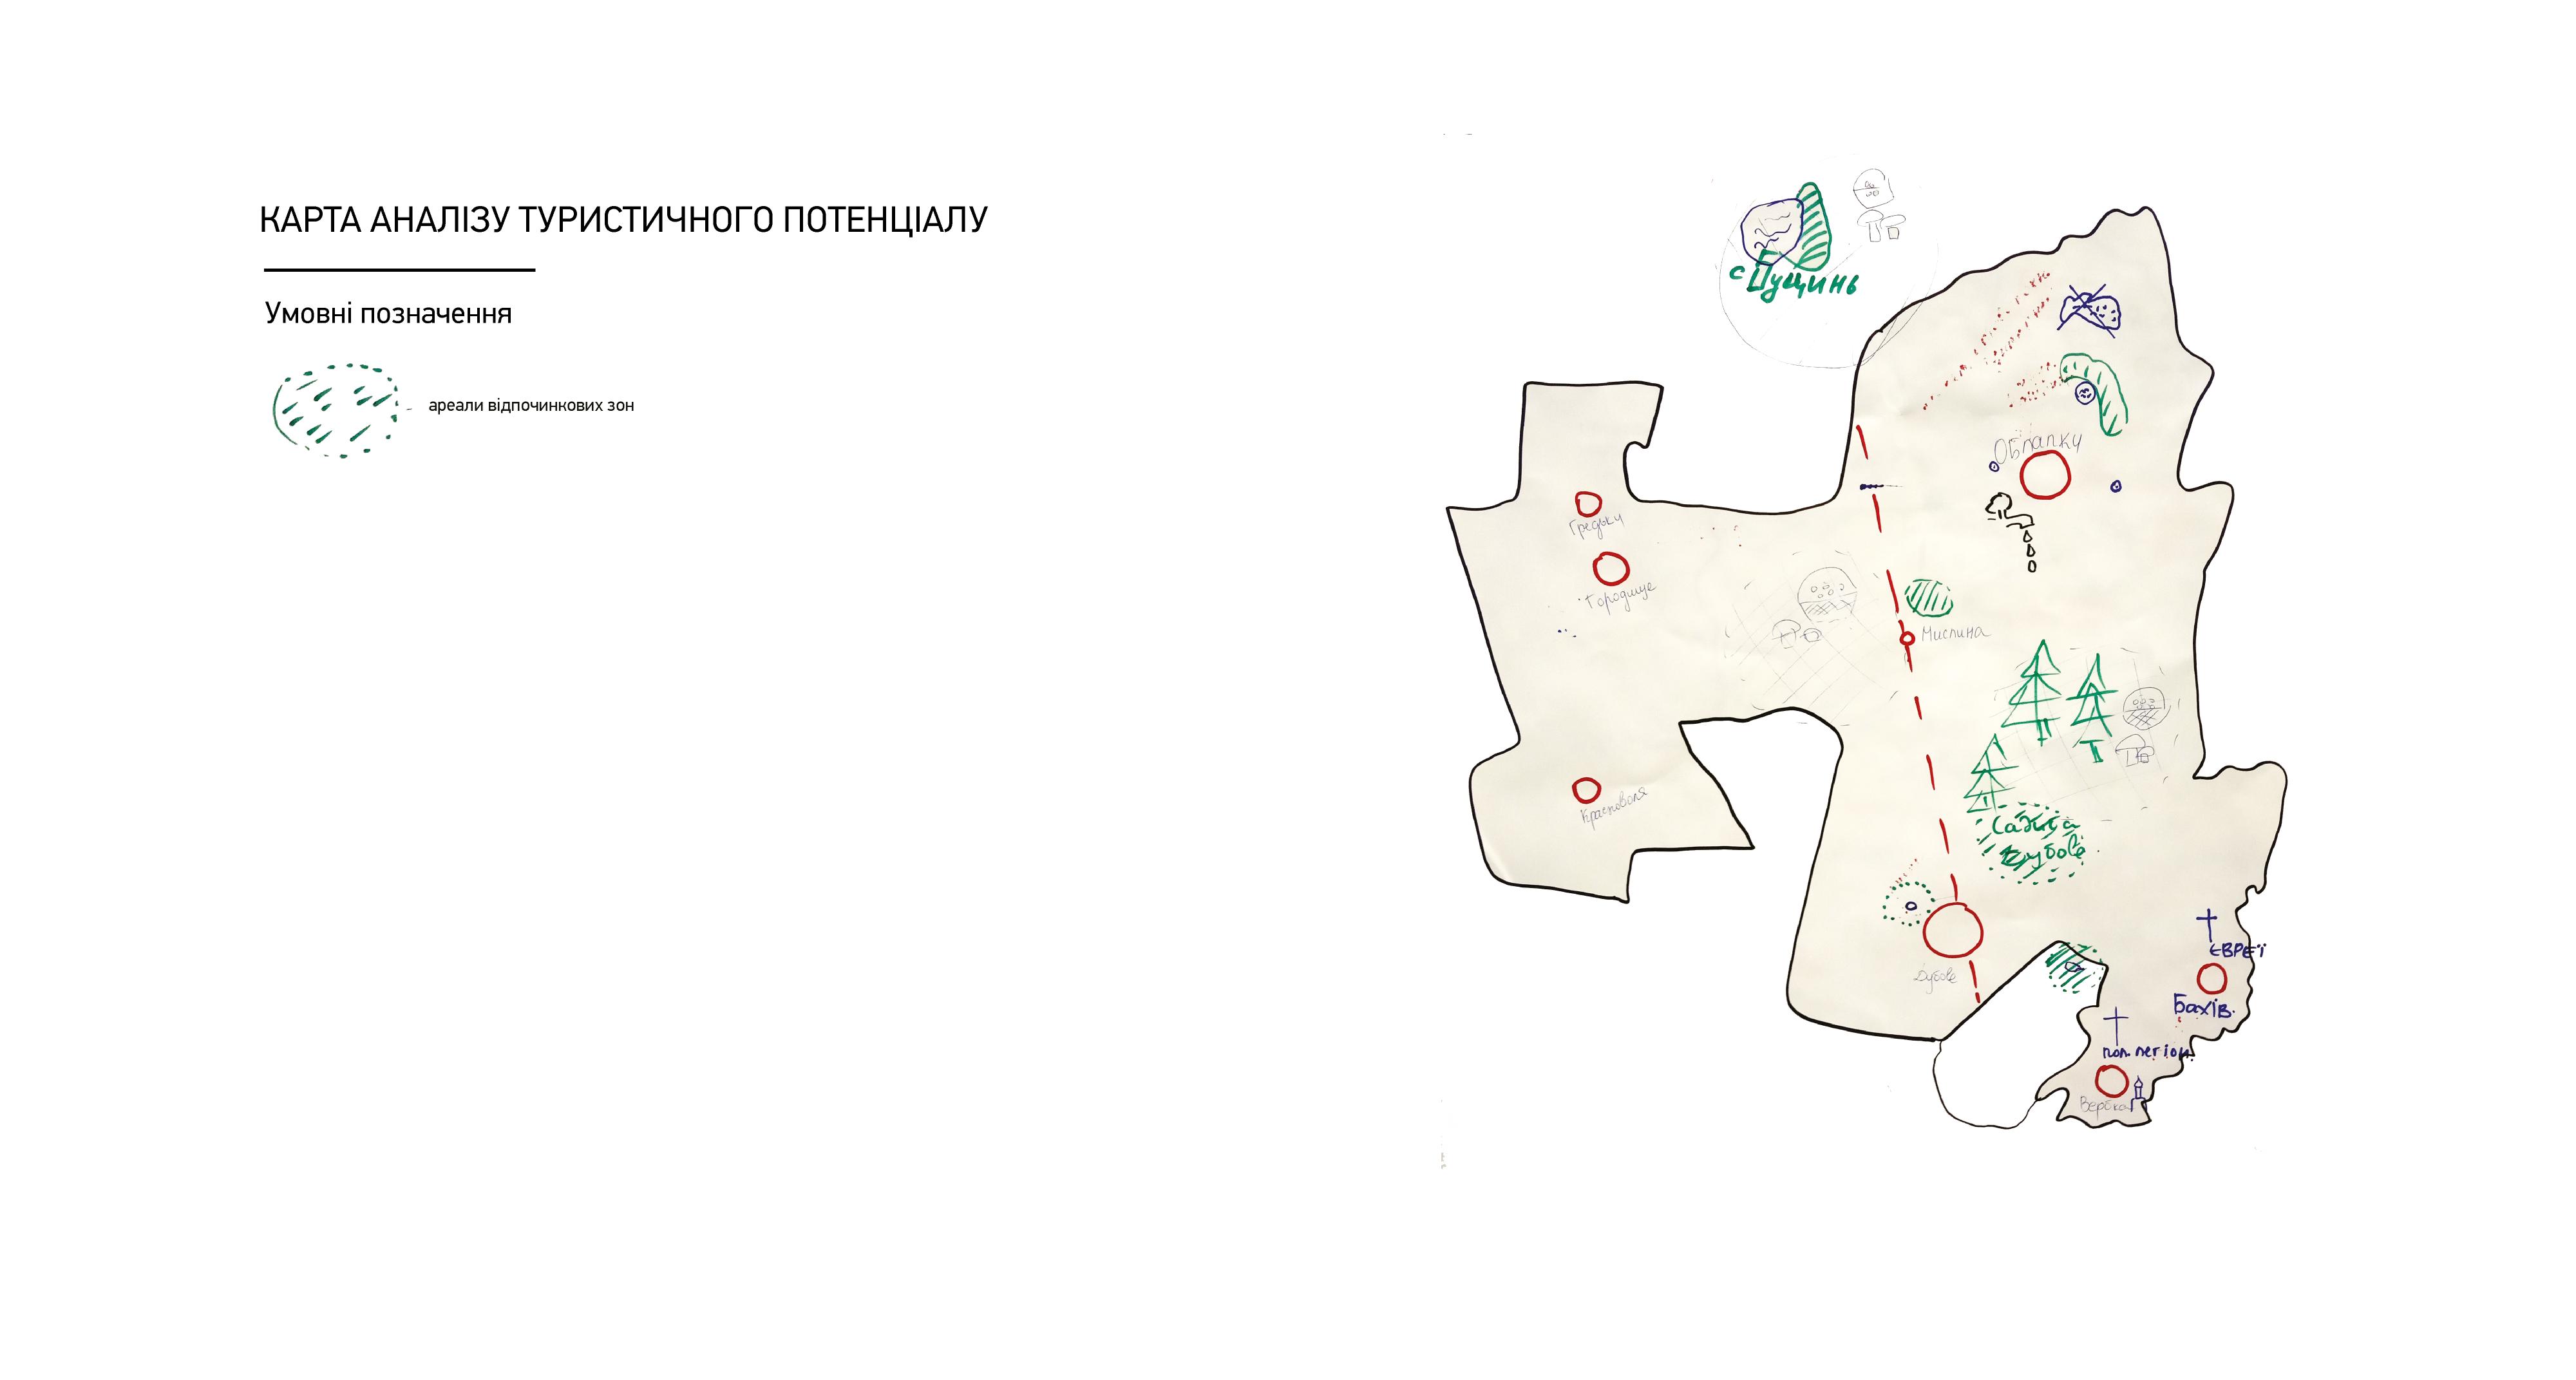 карта-анаізу-туристичного-потенціалу